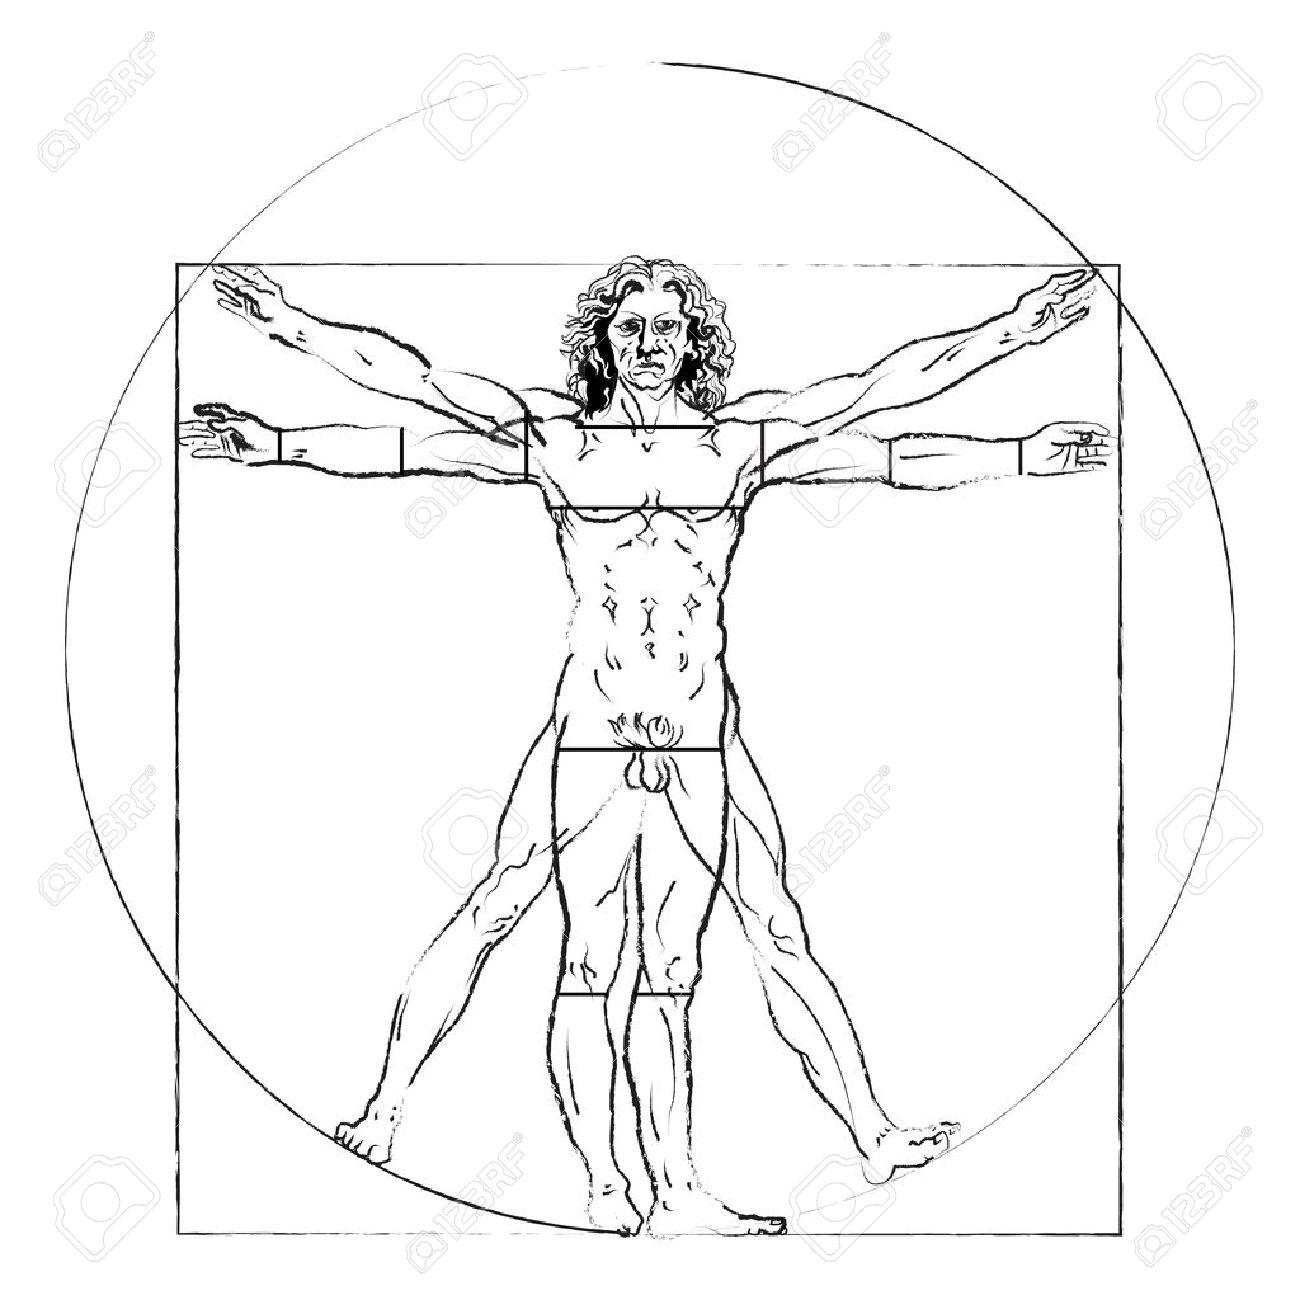 Großzügig Da Vinci Anatomie Zeichnung Ideen - Menschliche Anatomie ...